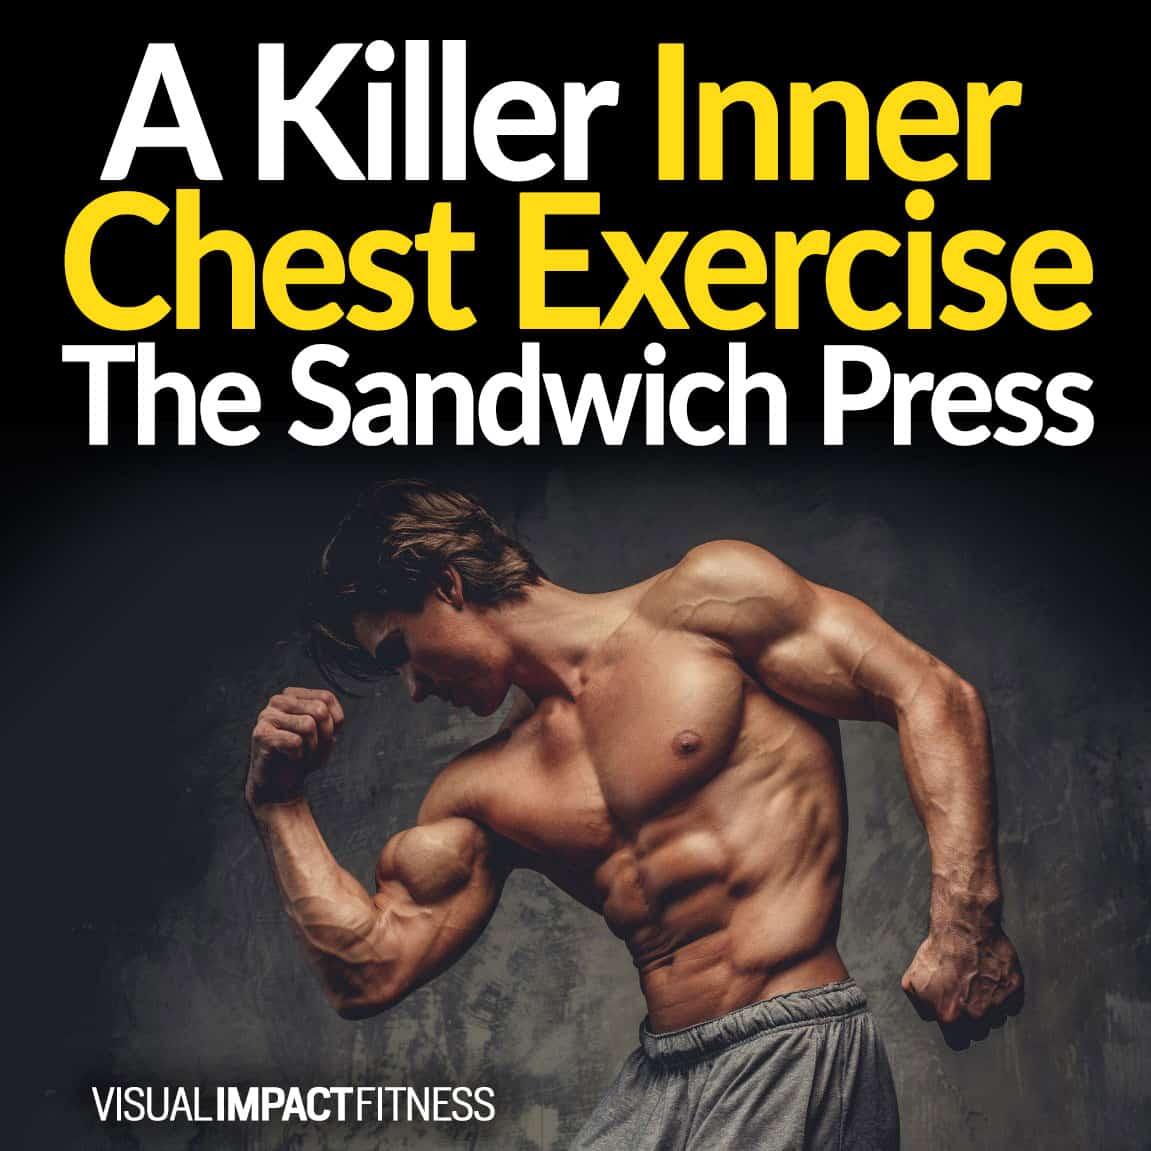 A Killer Inner Chest Exercise - The Sandwich Press